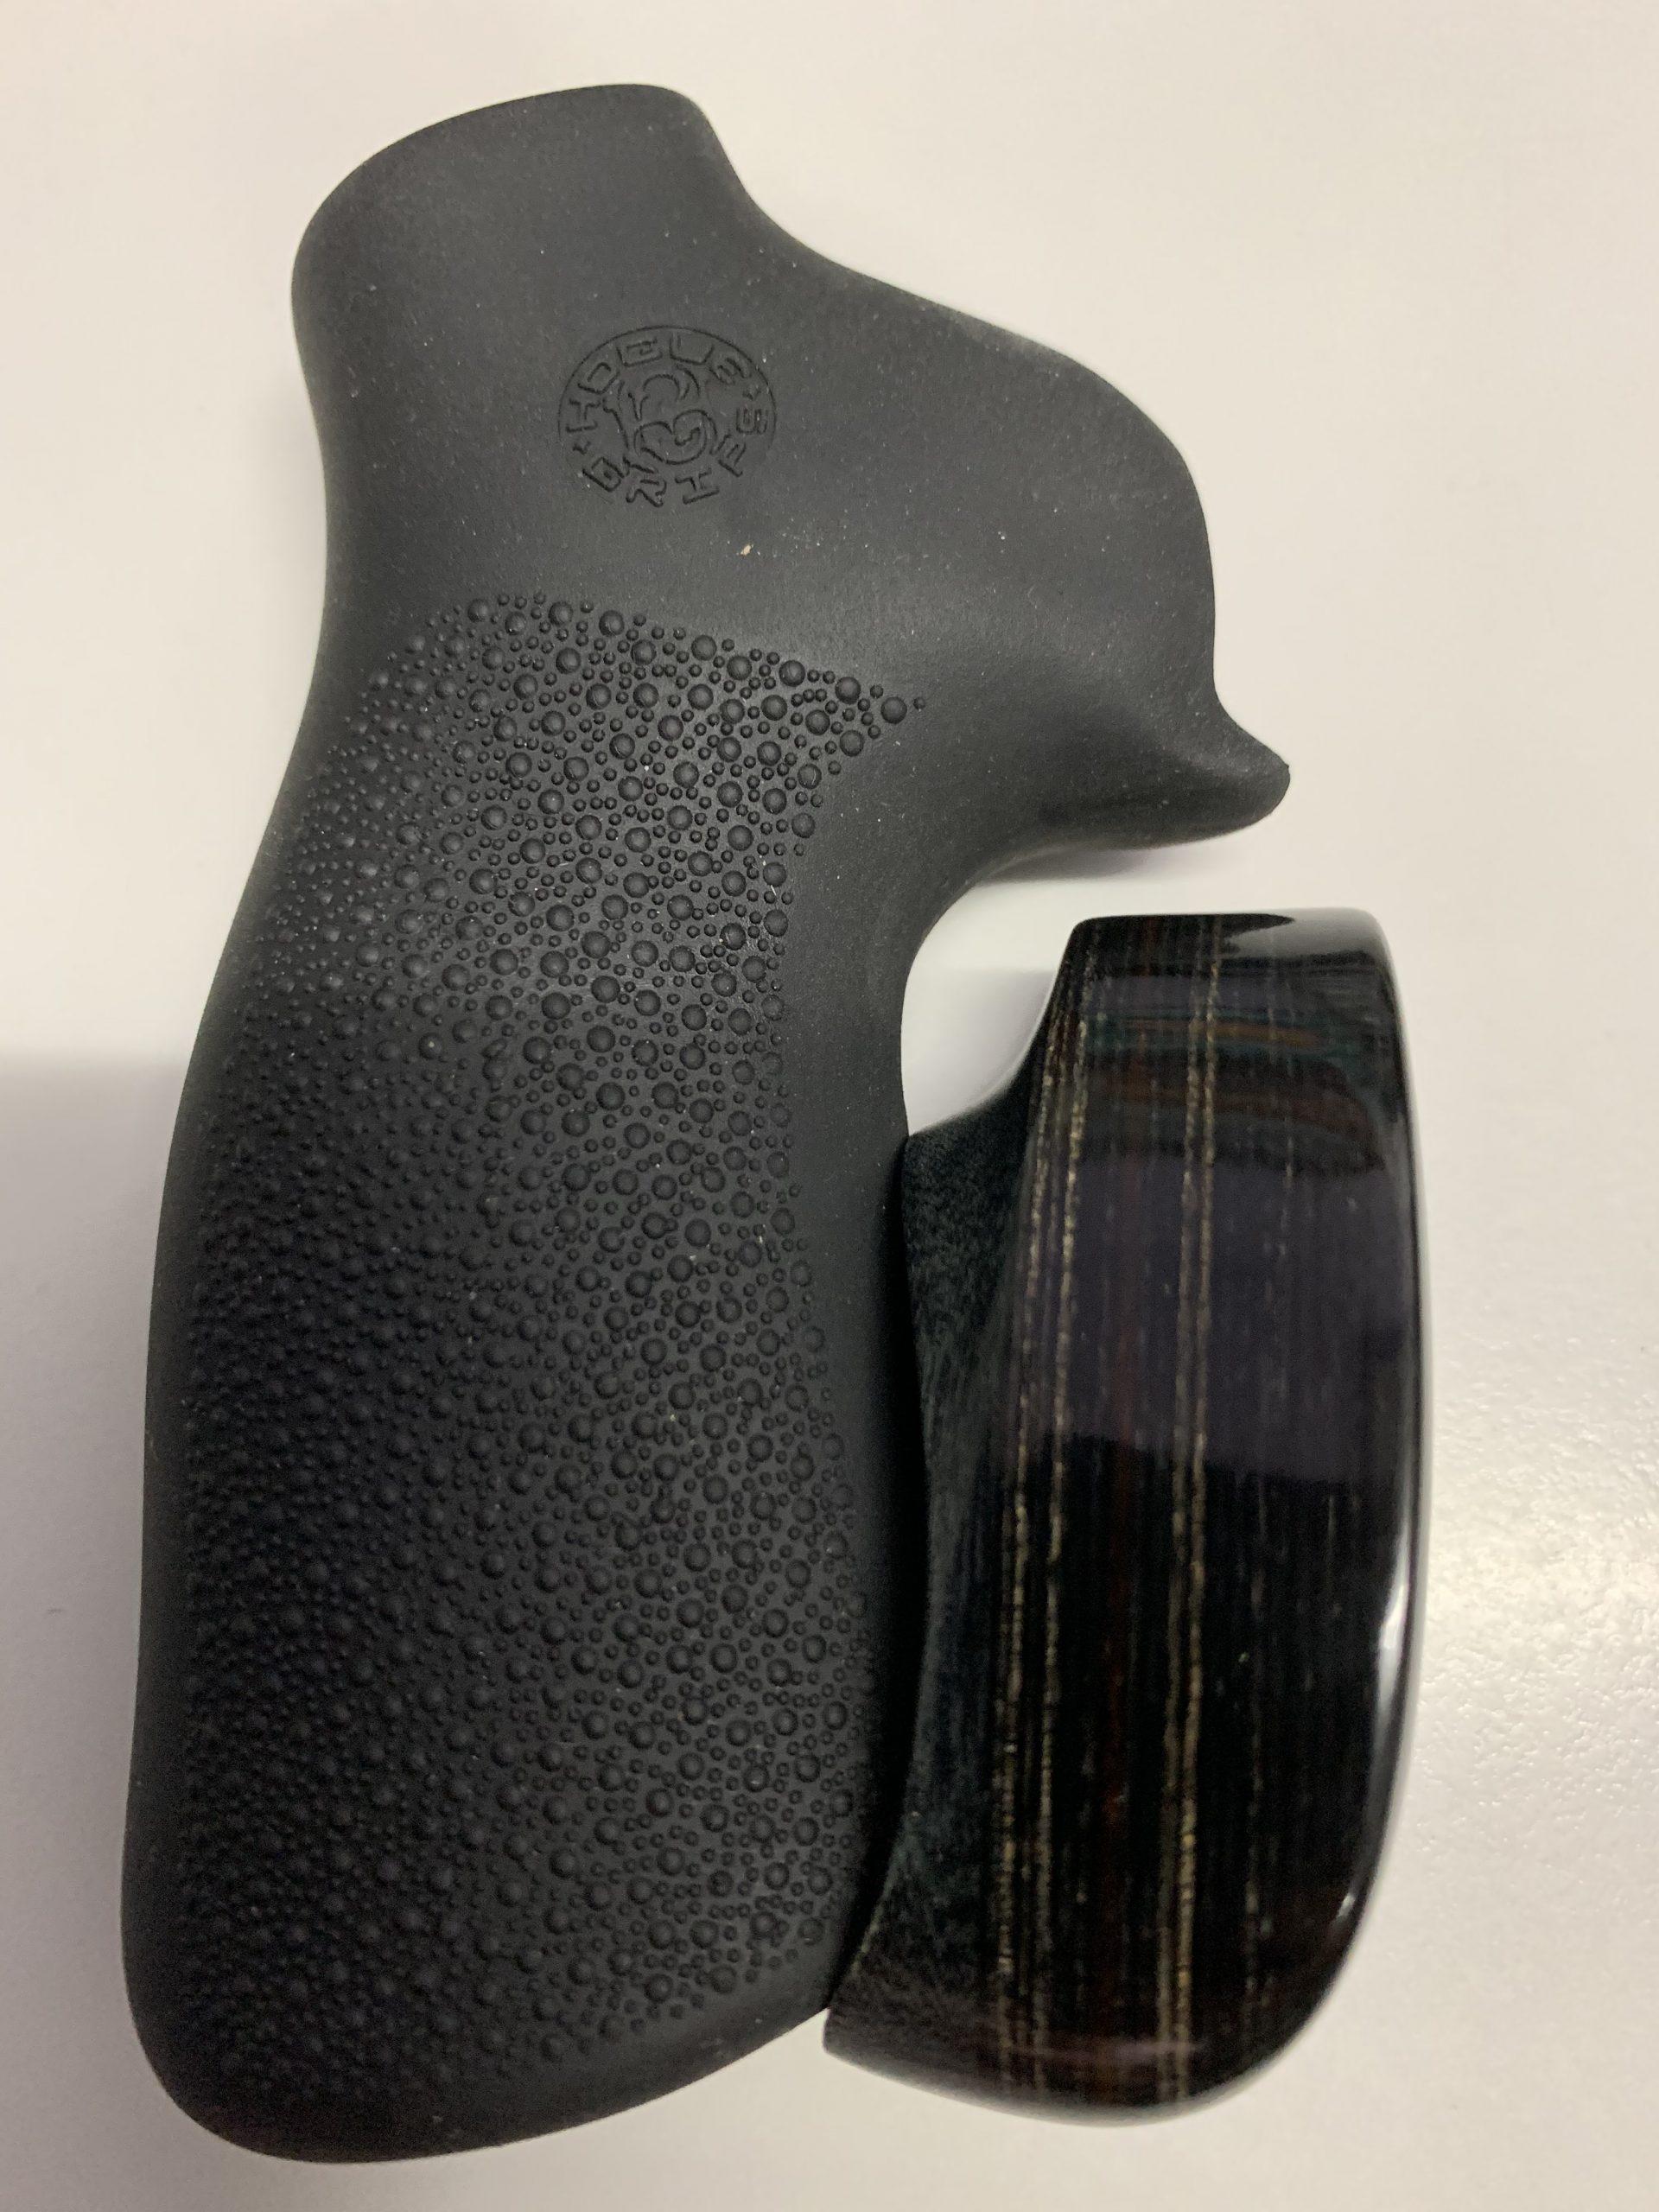 Ruger GP100 Super Redhawk Wood base rubber grip no finger grooves 80016